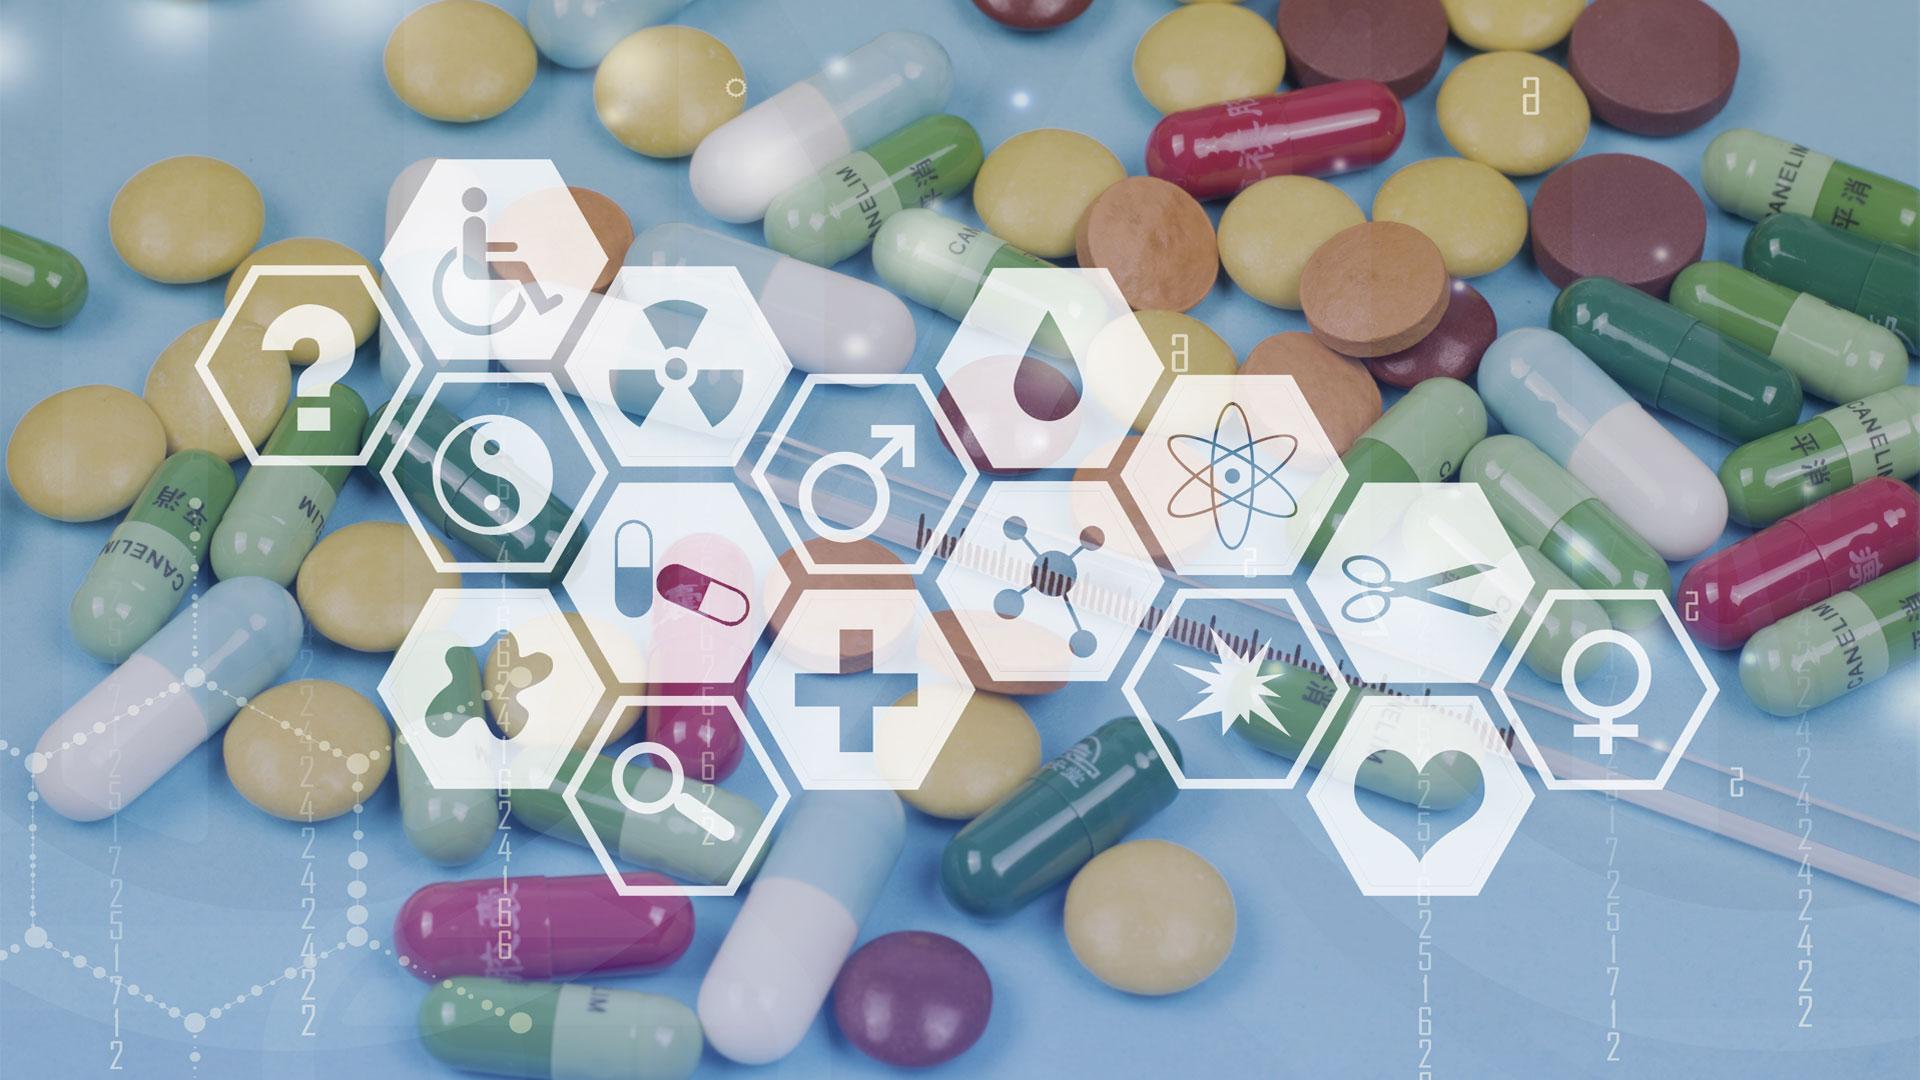 控制图在检测中的应用和药物晶型的相关知识讲解研讨会-直播-www.bzwz.com国家标准物质网